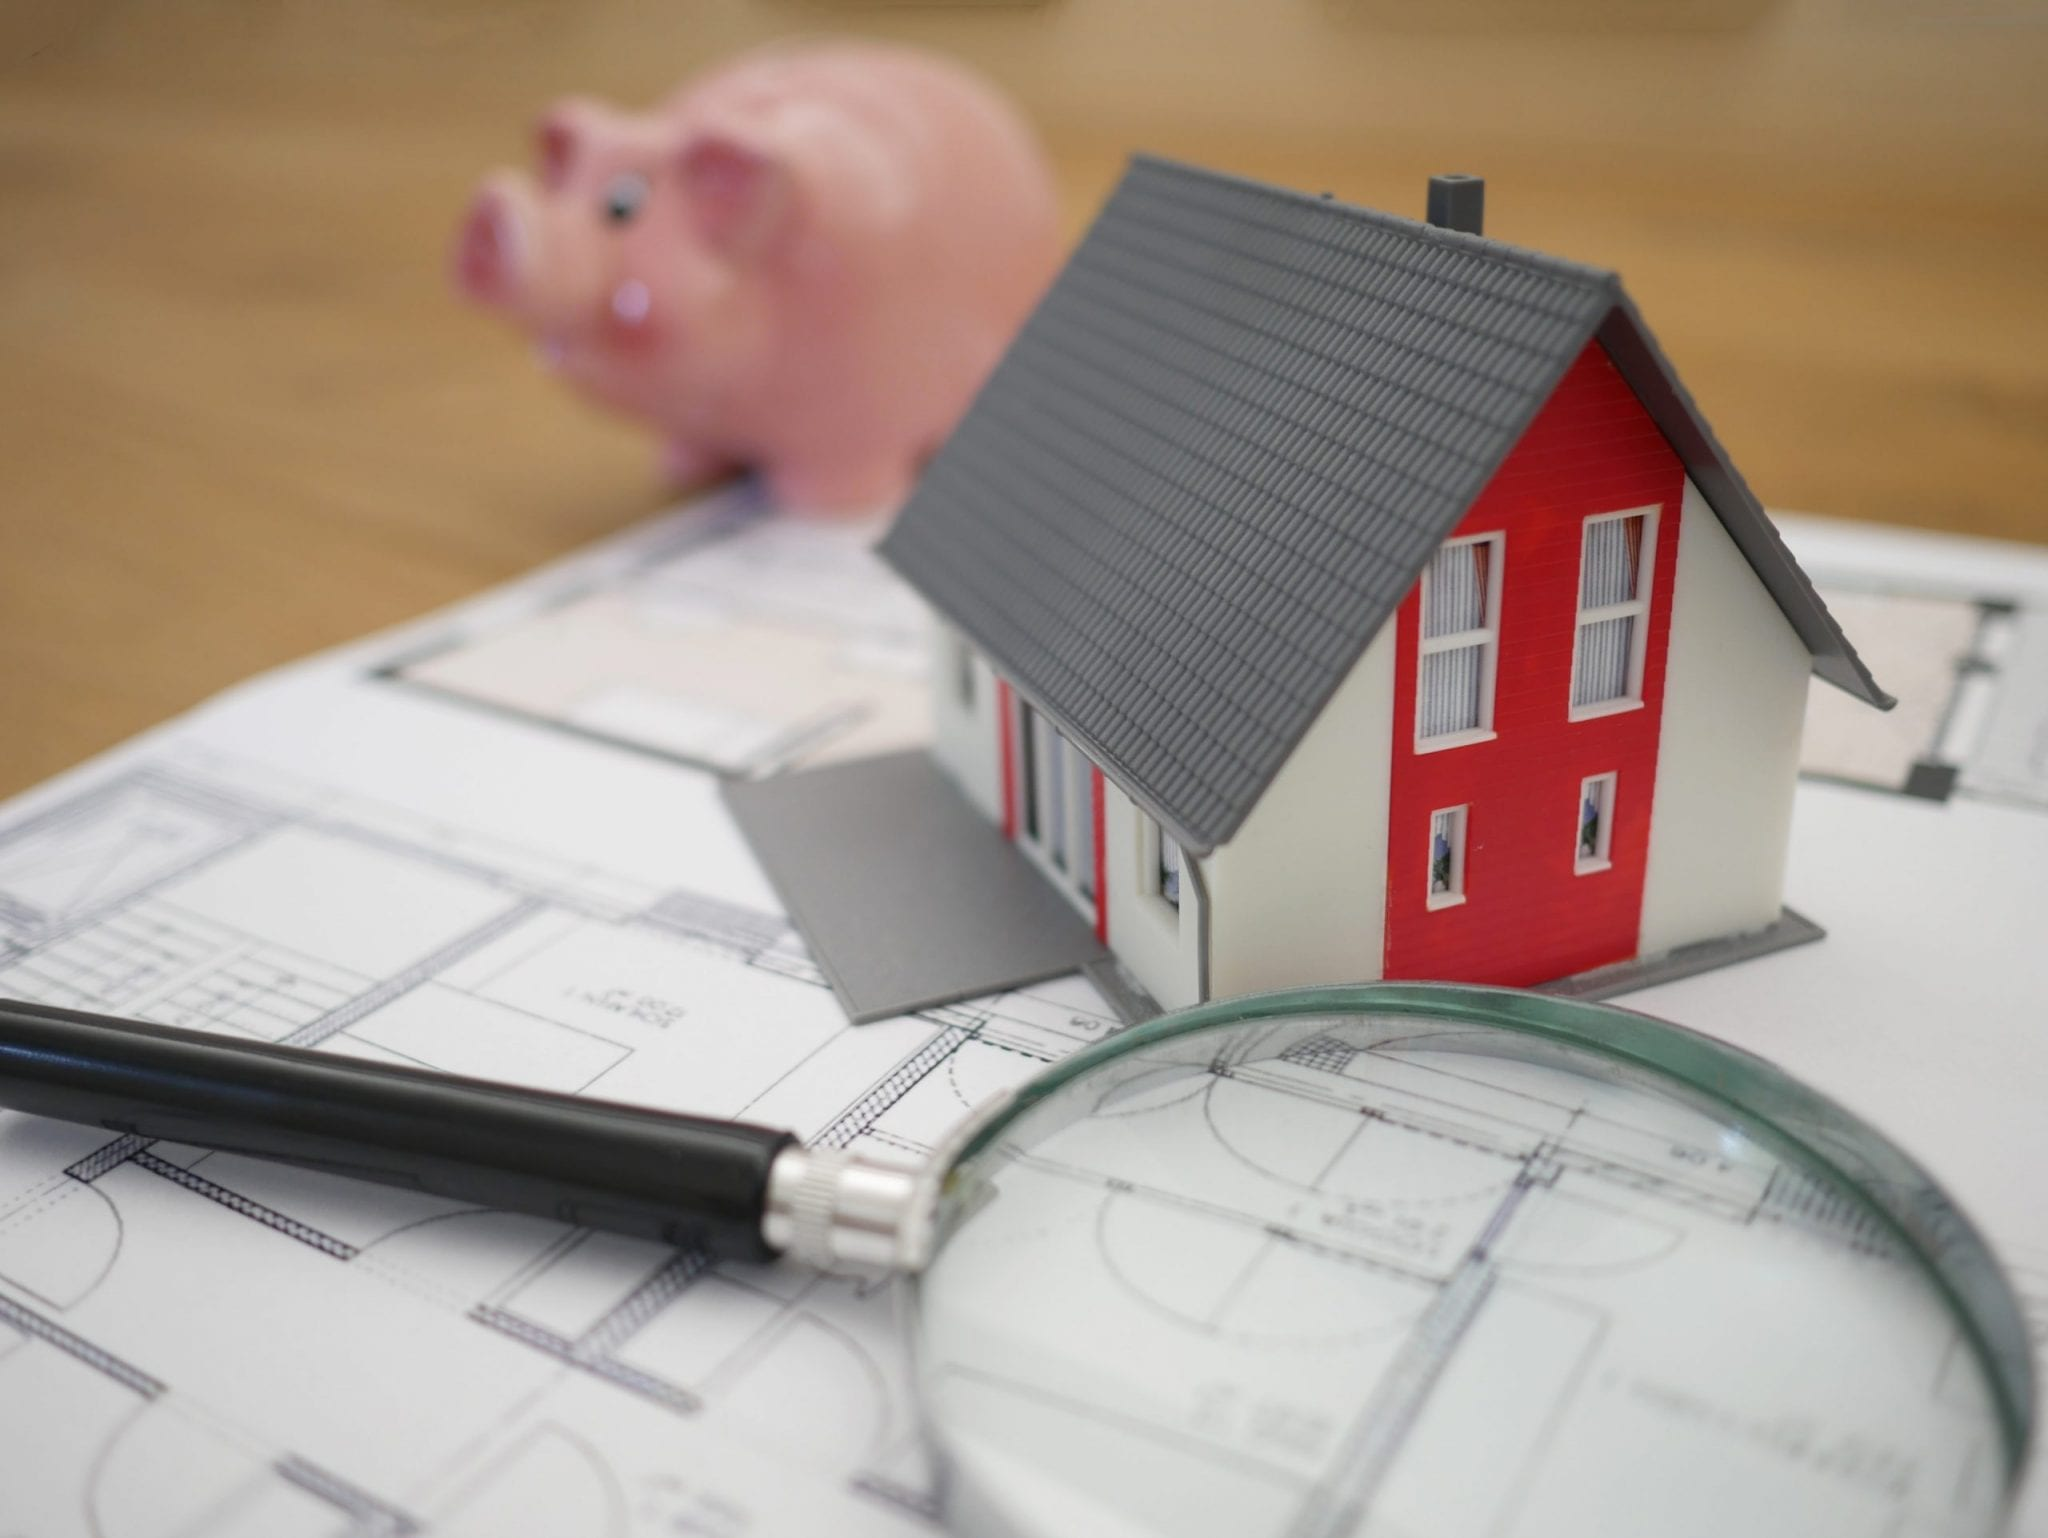 Les risques et rendements de l'investissement immobilier